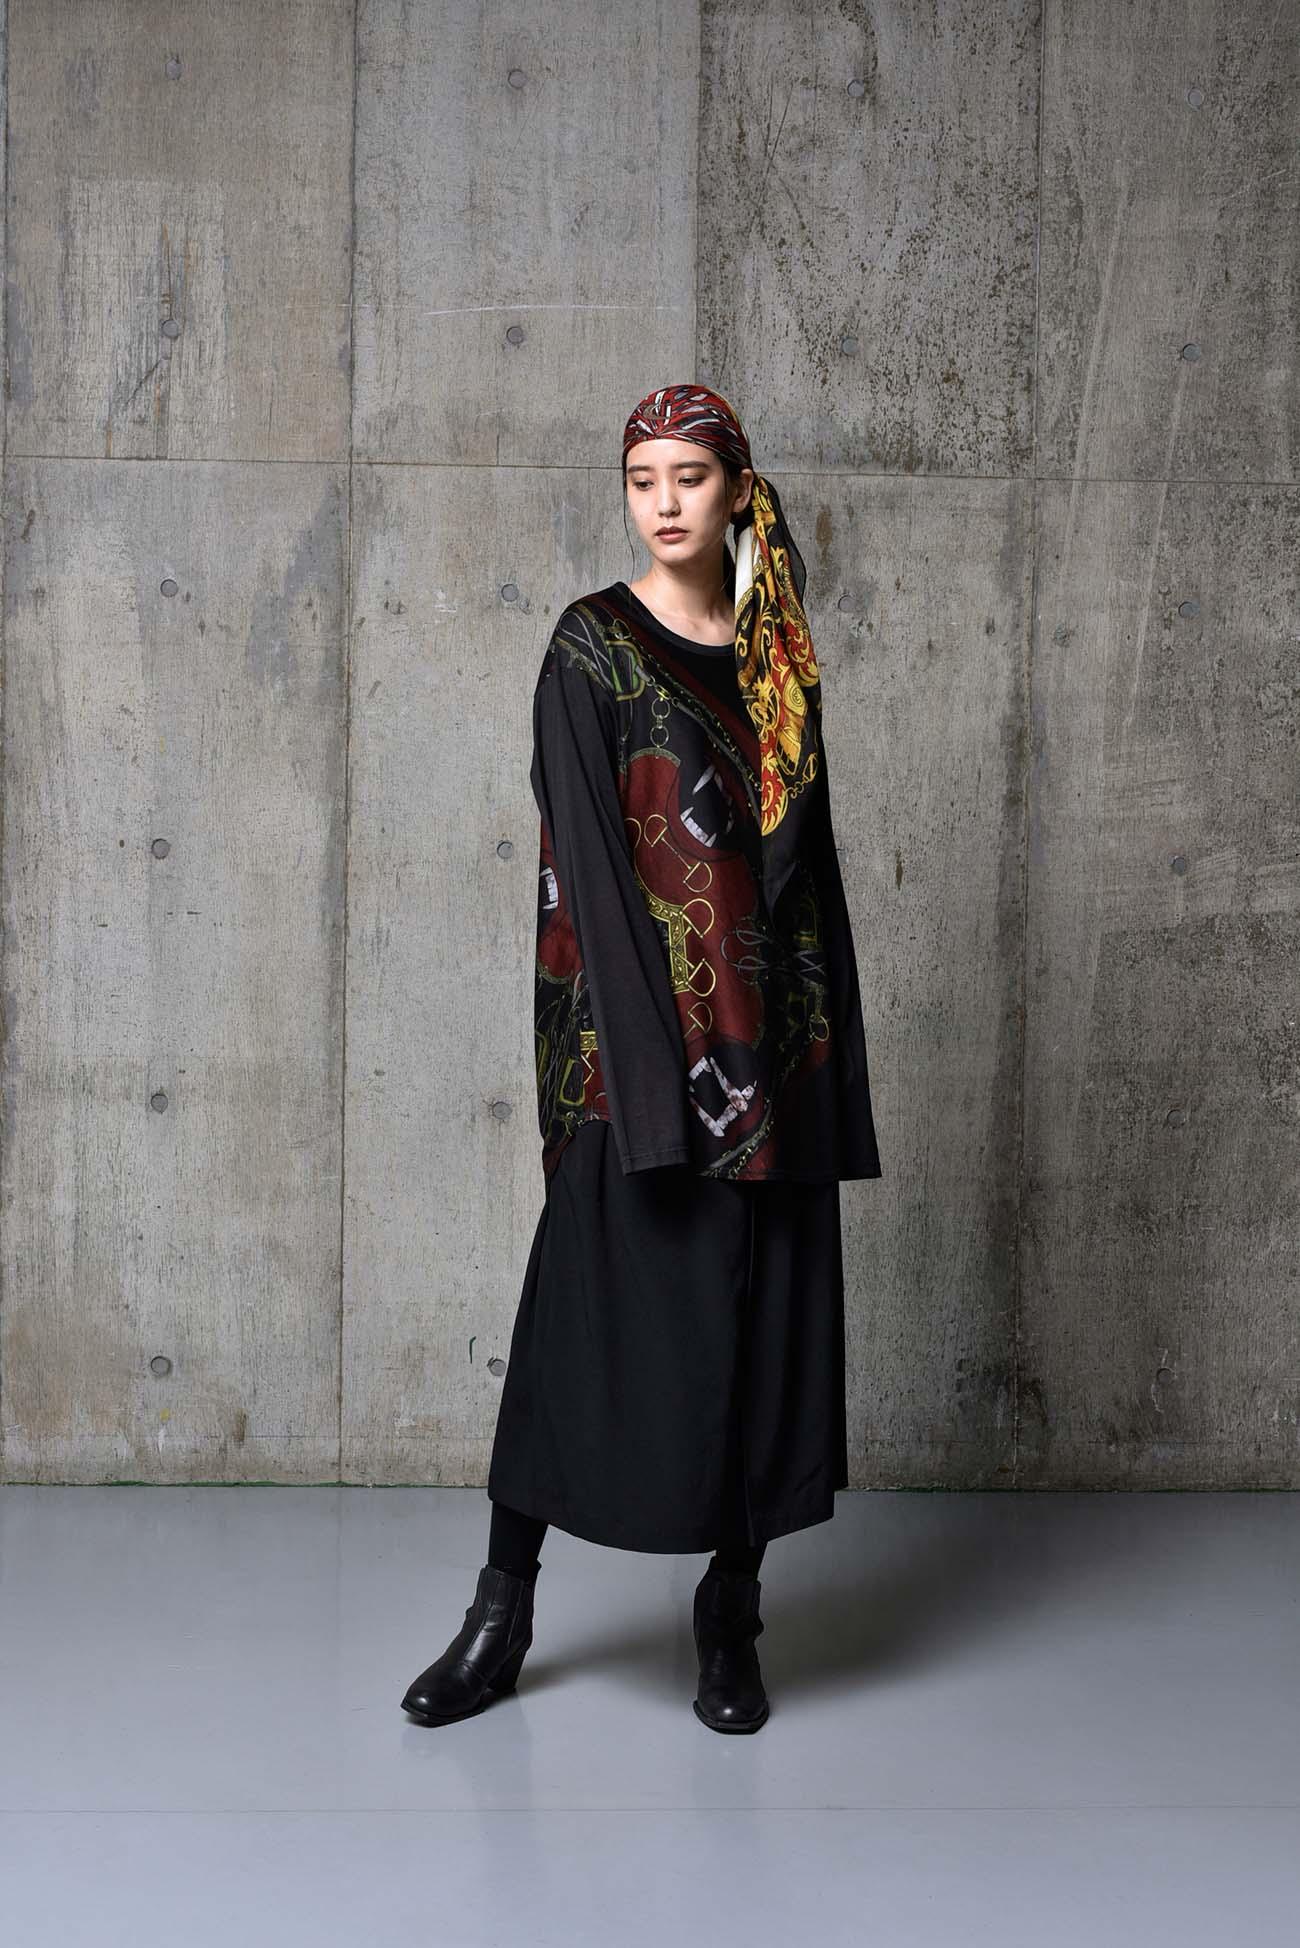 Bandana Pattern A Cotton Jersey Round Long Sleeves Cut Sew